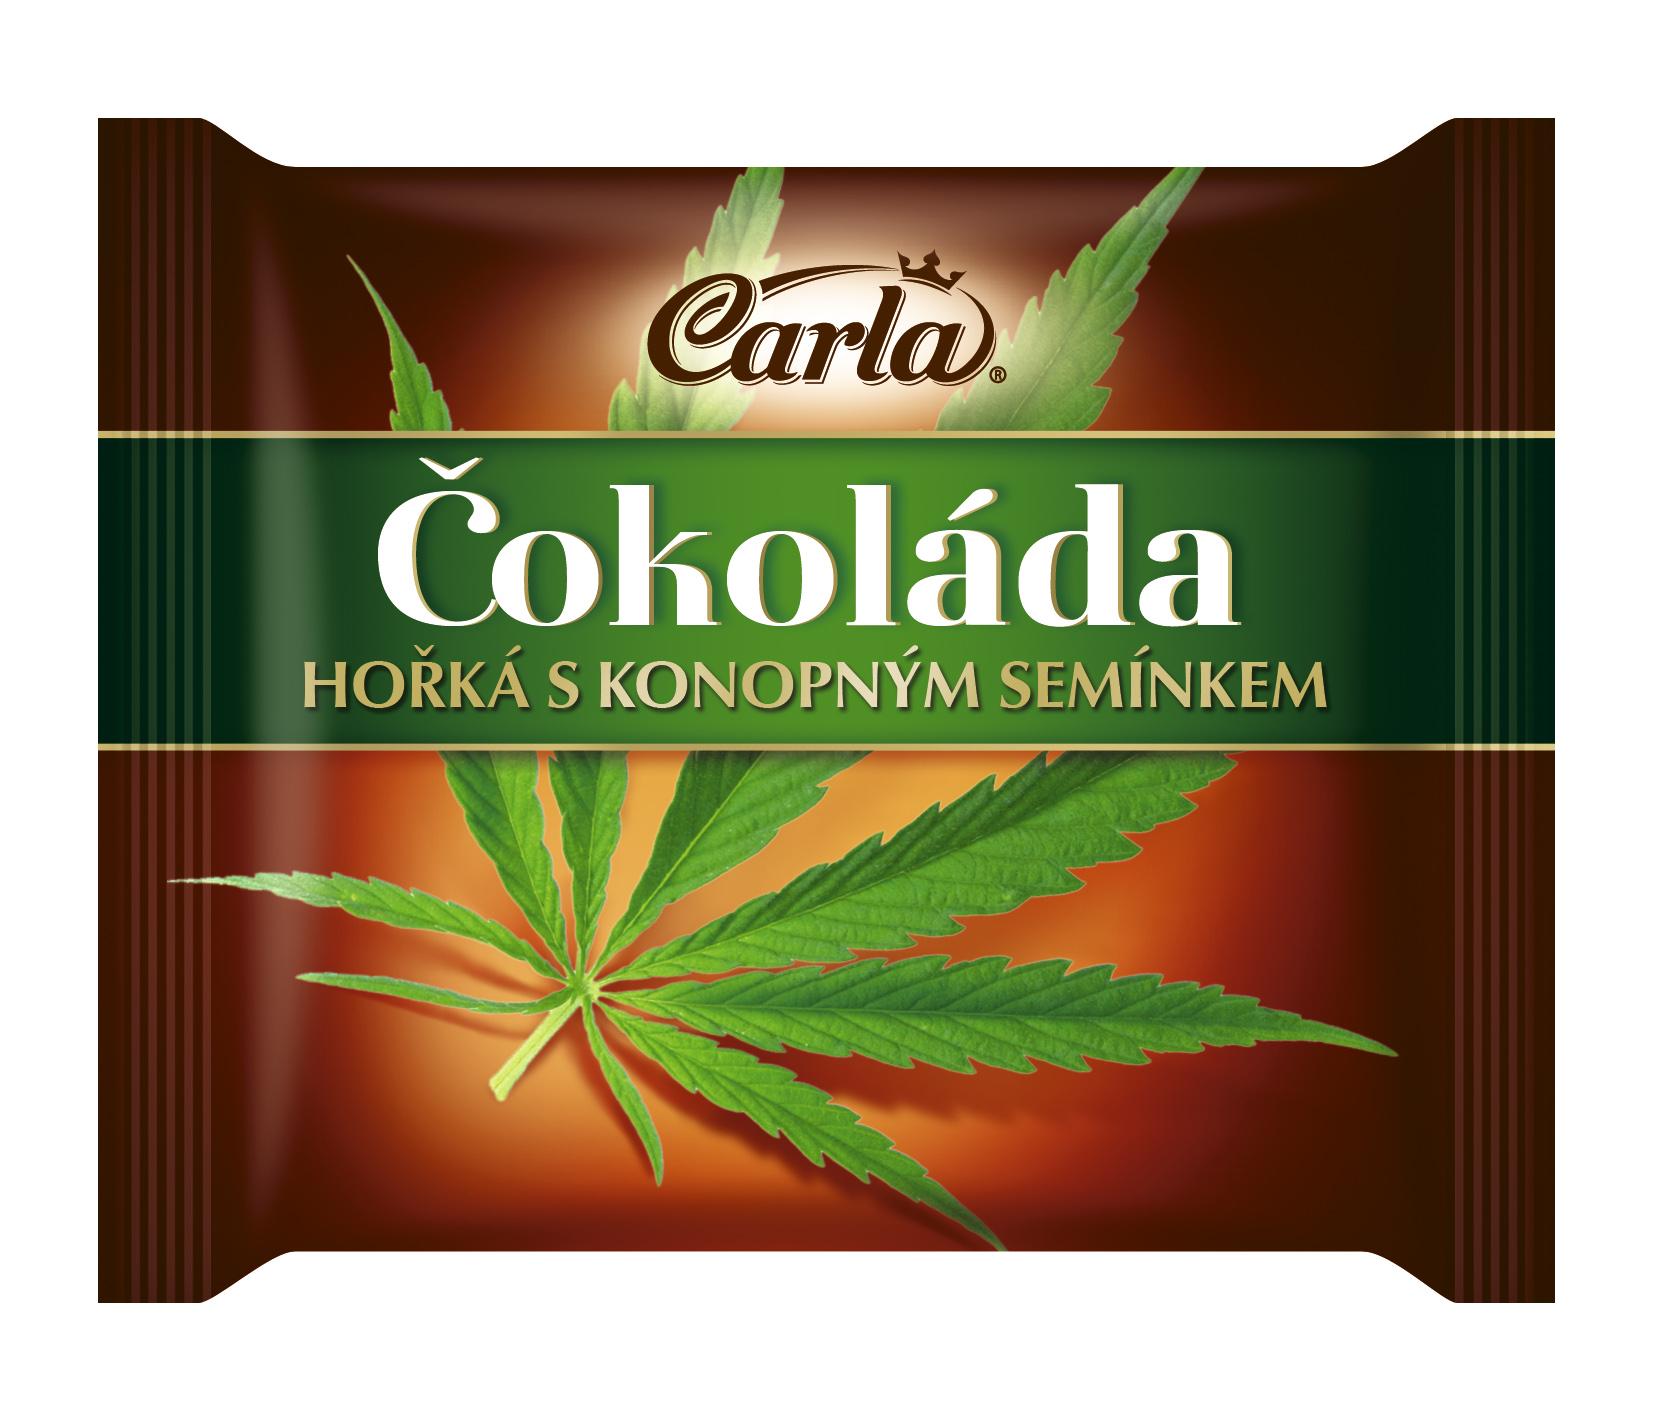 Značka Čokoláda hořká s konopným semínkem